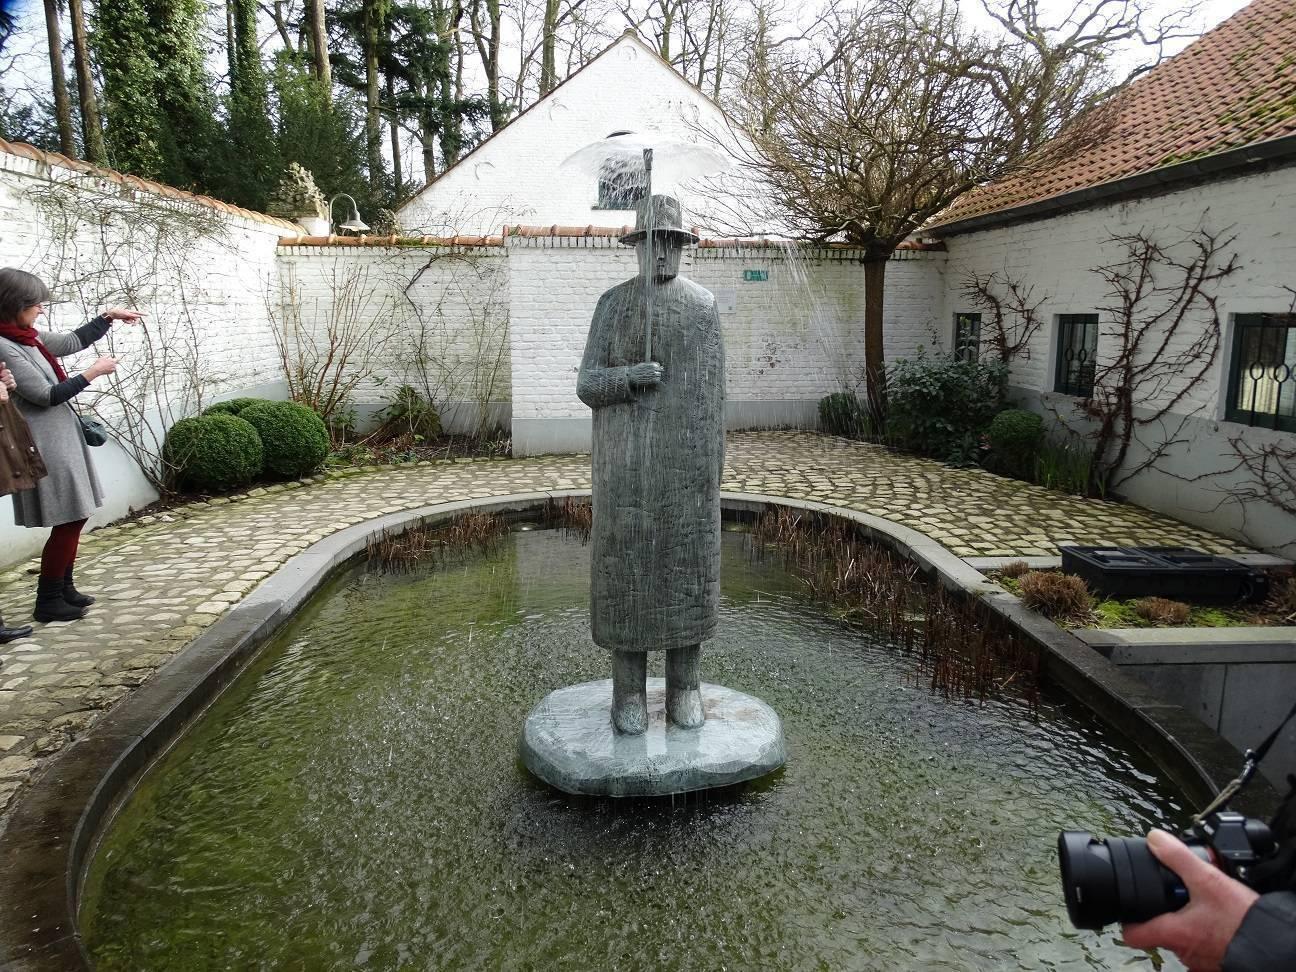 vtbkultuur Deurne/Berchem